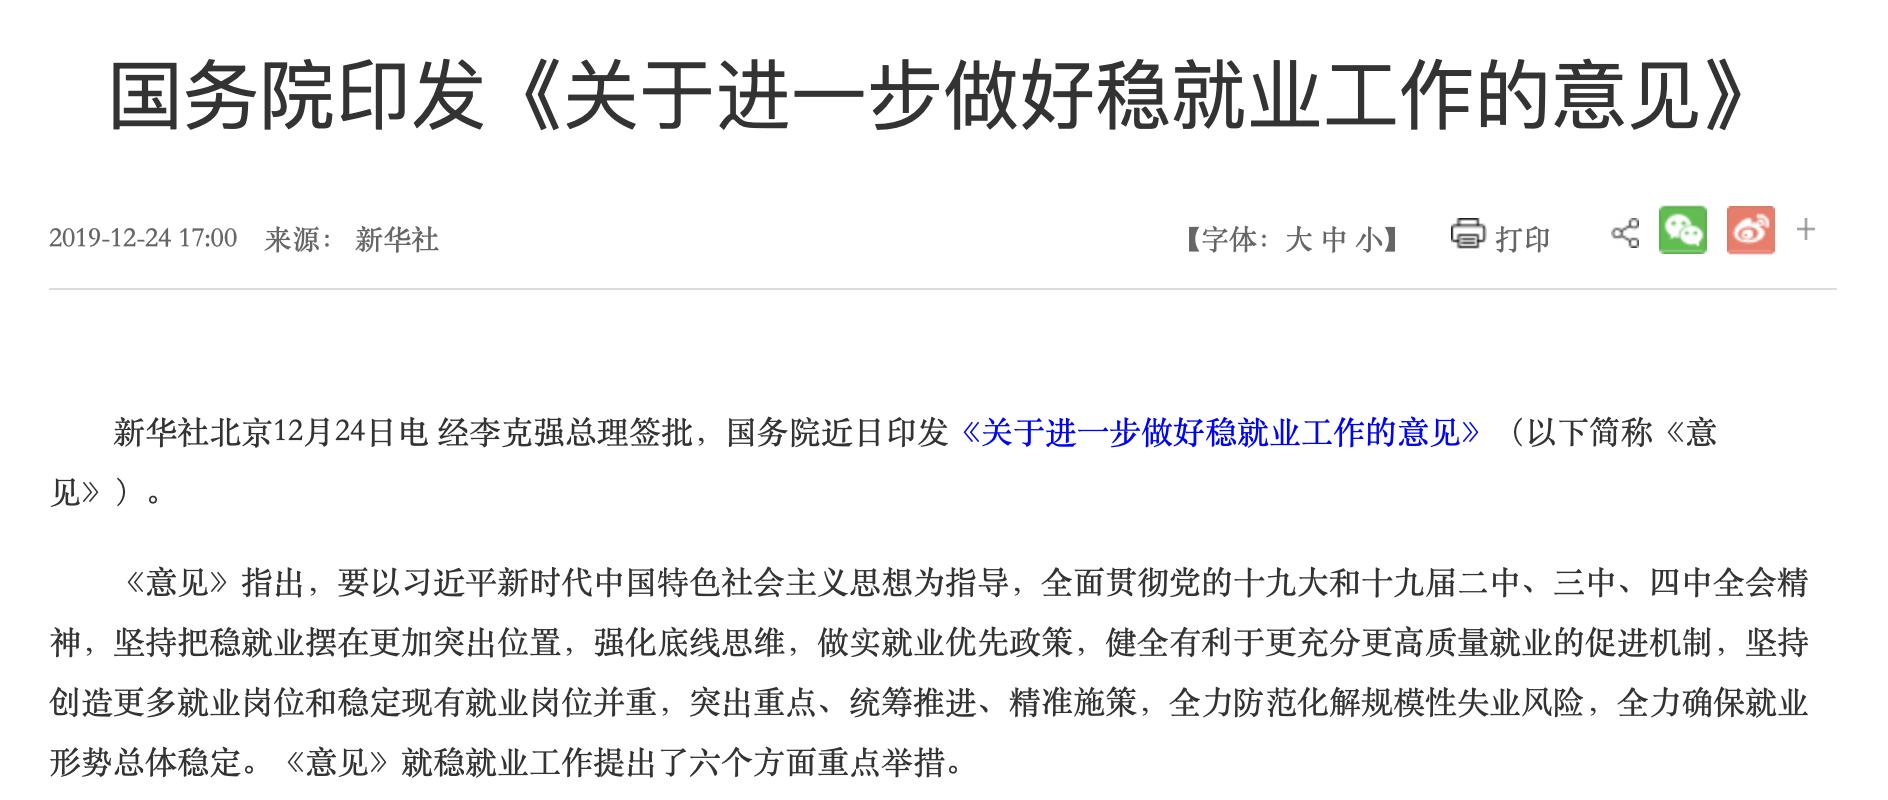 环球时报社评:向李文亮医生致以敬意